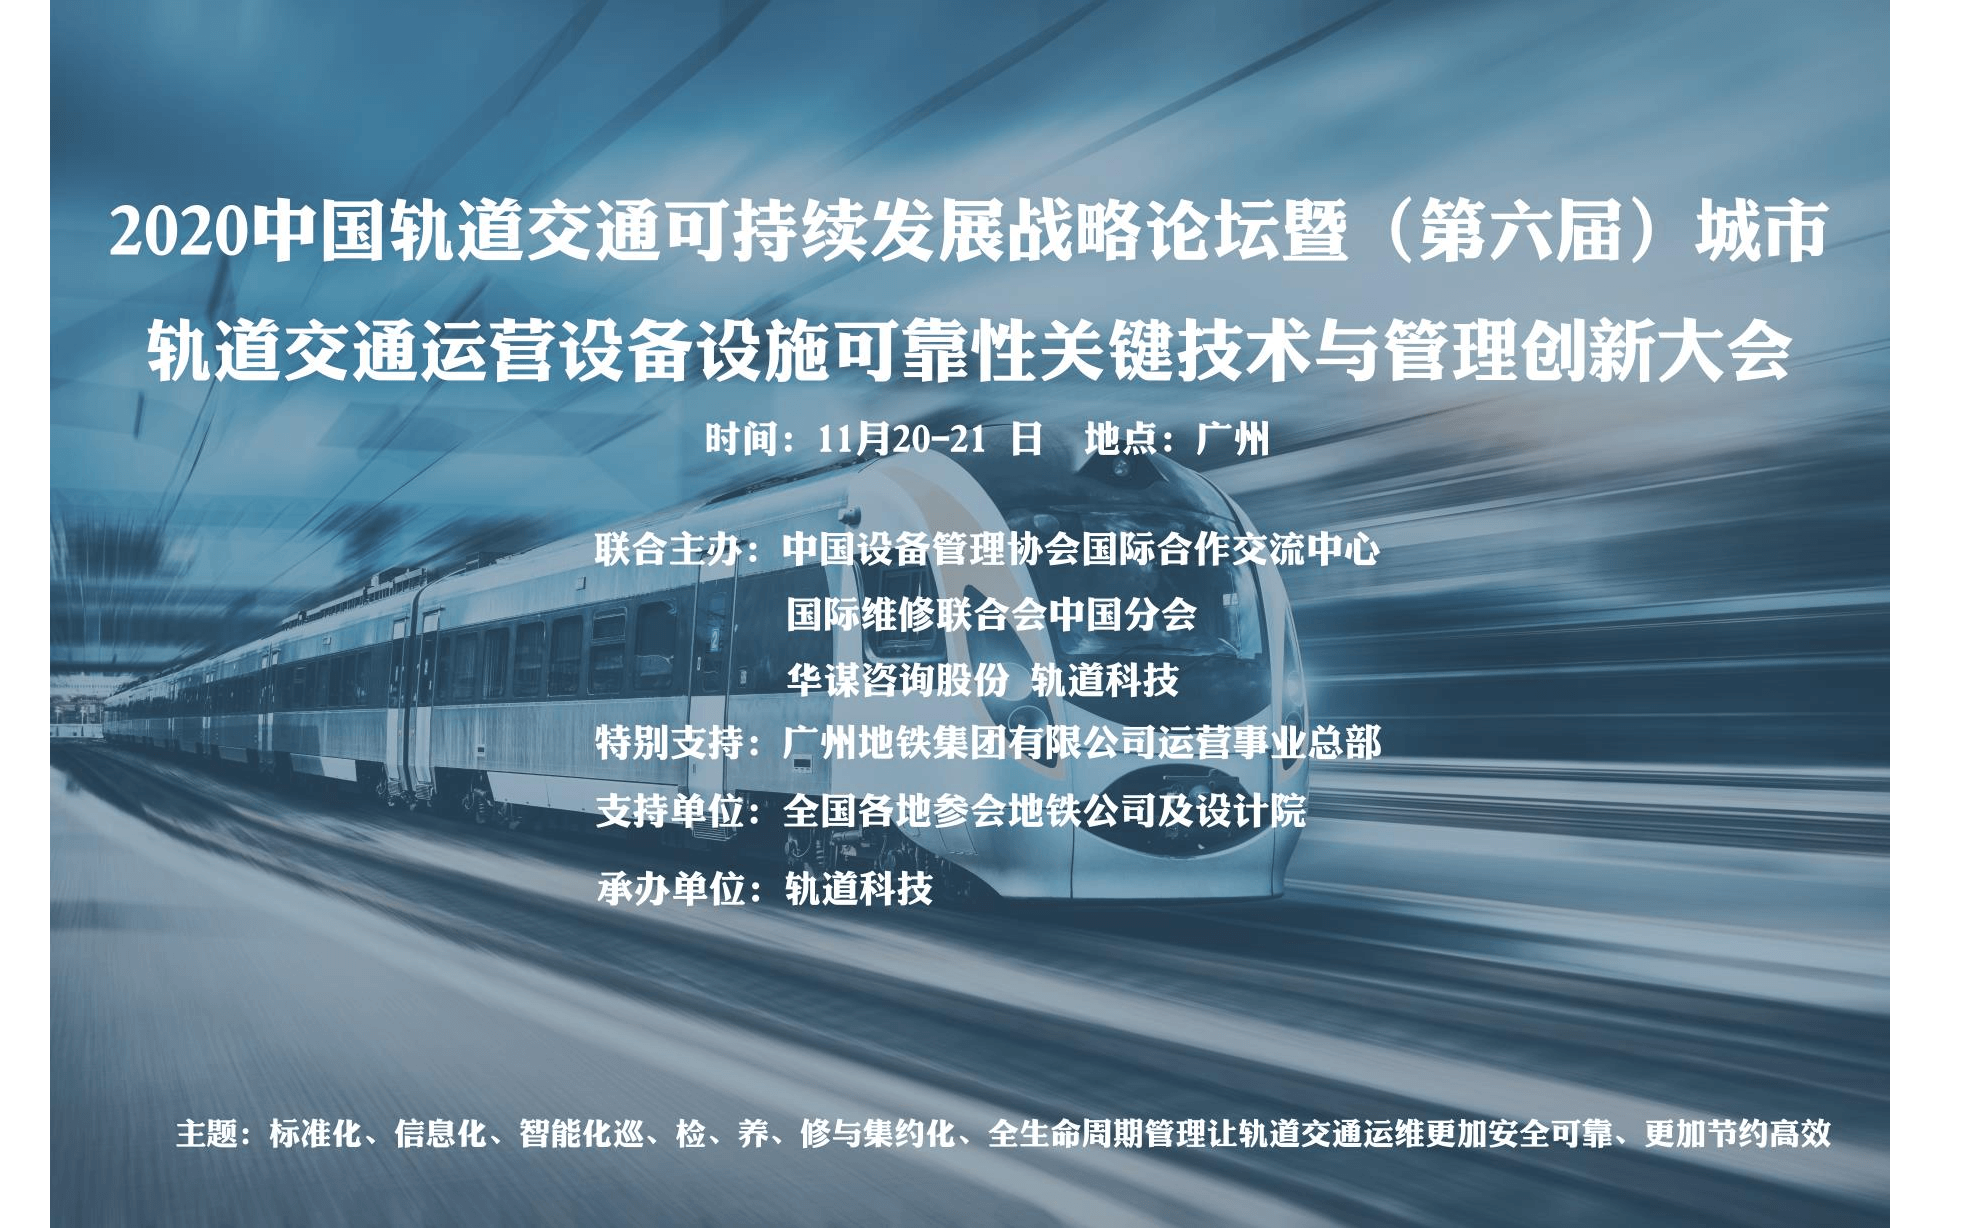 2020中国轨道交通可持续发展战略论坛暨(第六届) 城市轨道交通运营设备设施可靠性关键技术与管理创新大会